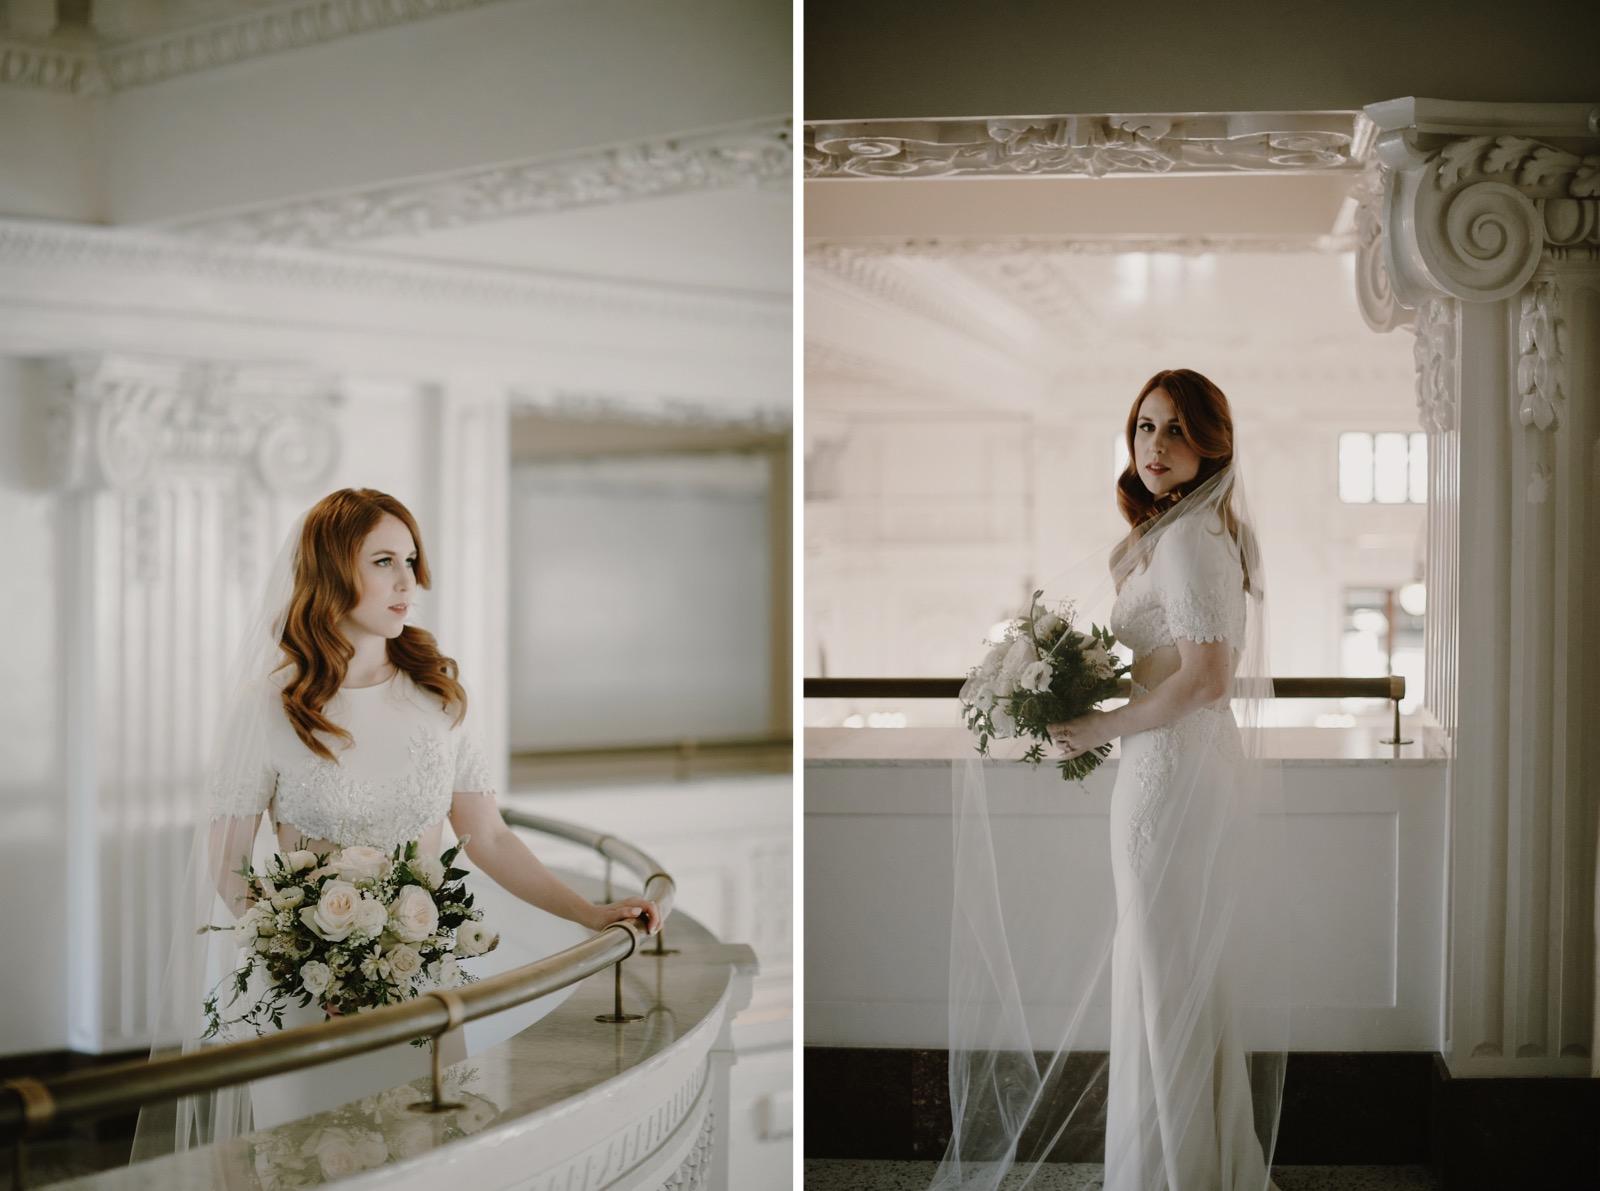 049_Arctic_Club_Wedding_Seattle_093_Arctic_Club_Wedding_Seattle_090.jpg